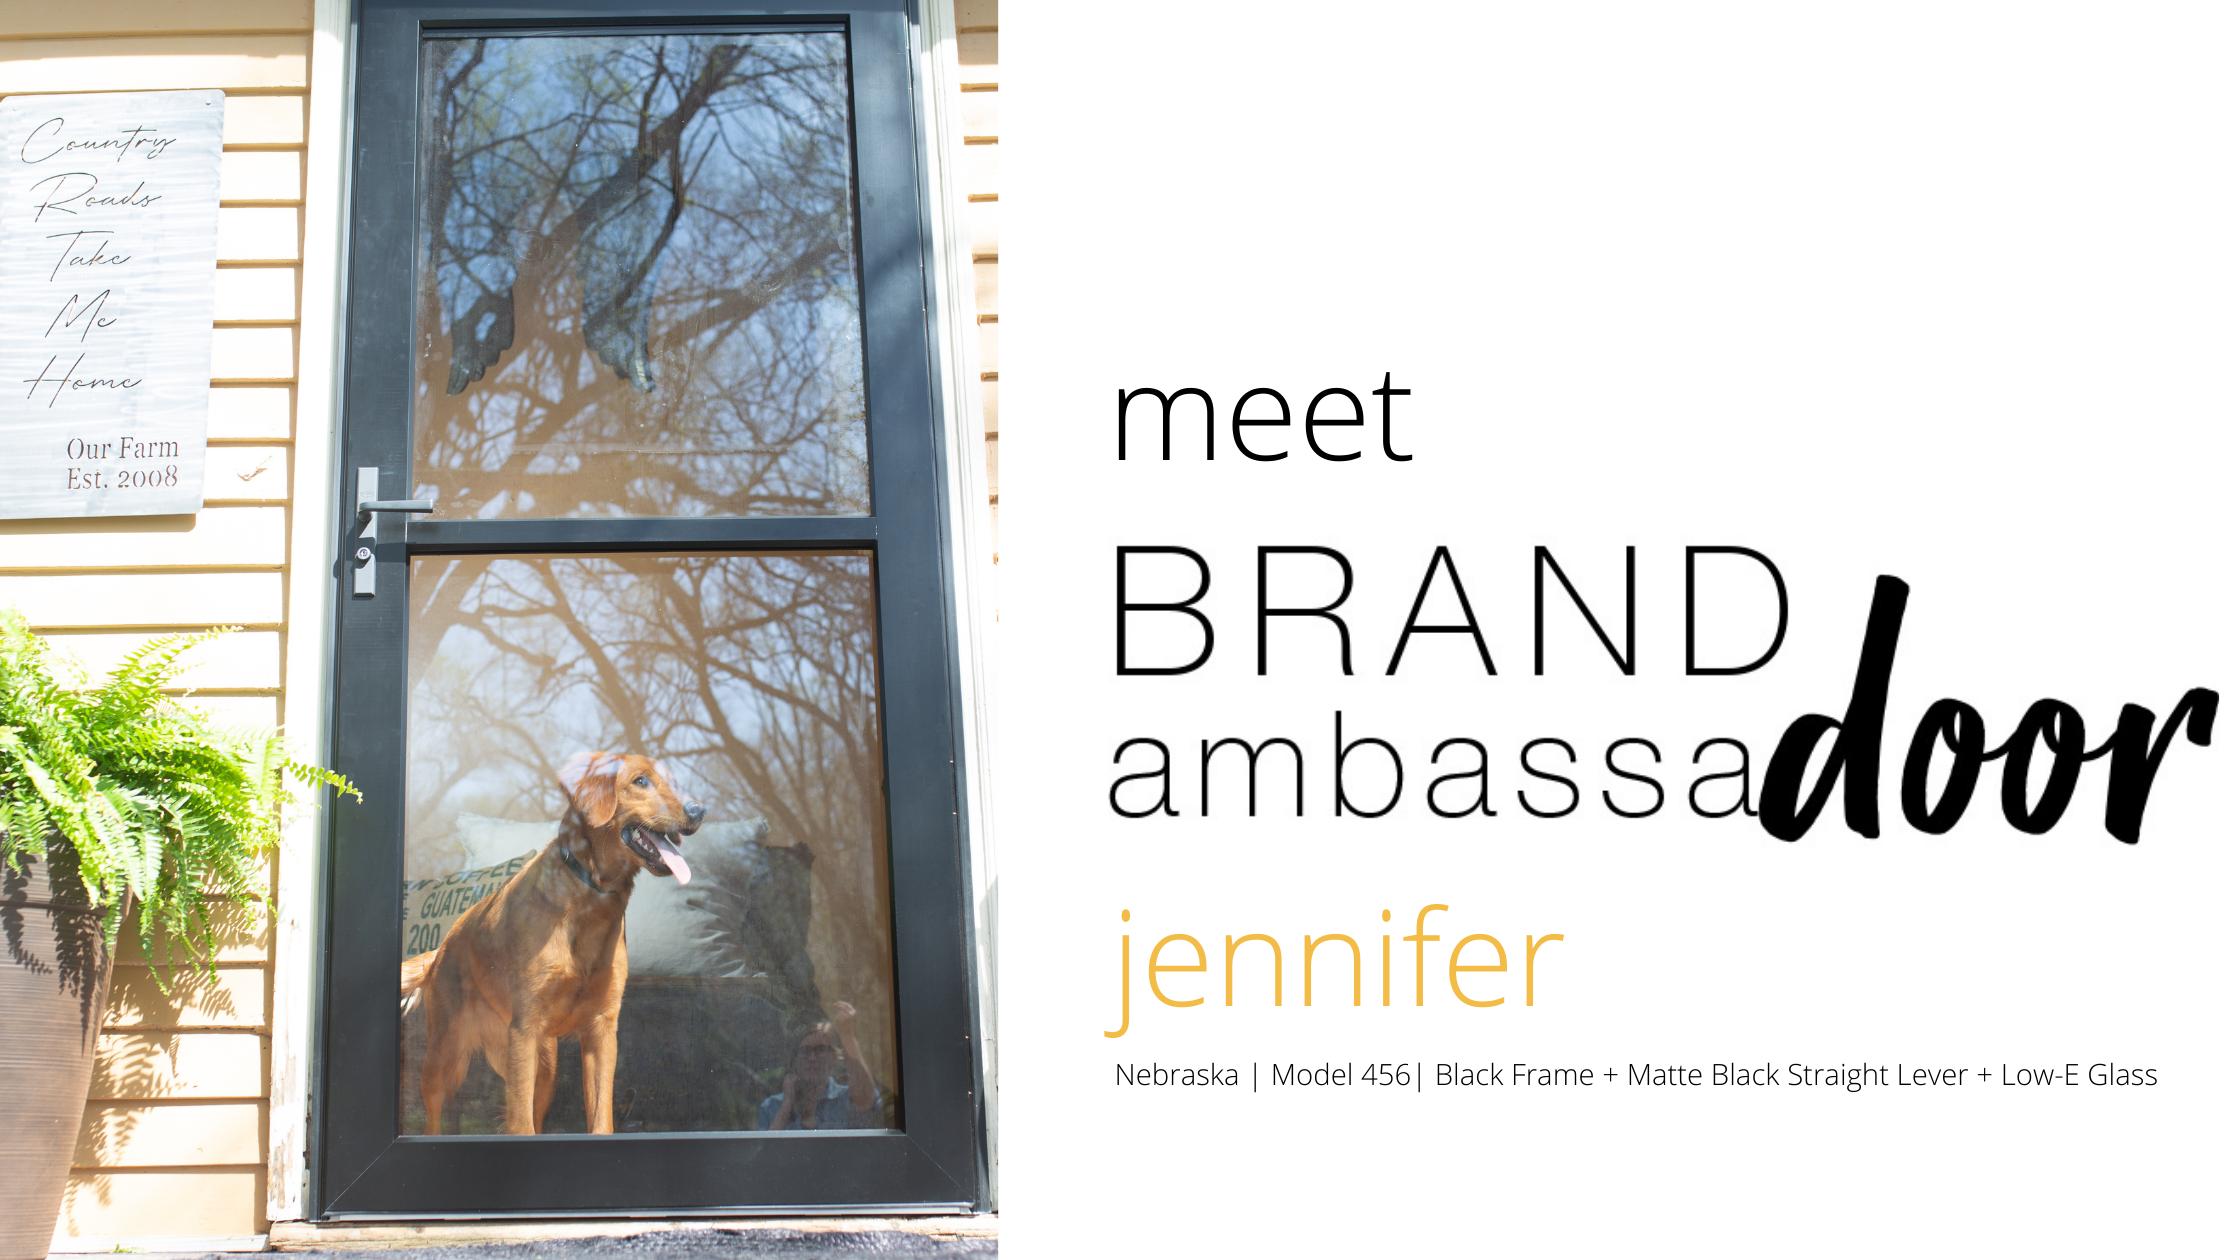 Meet Brand Ambassadoor | Jennifer